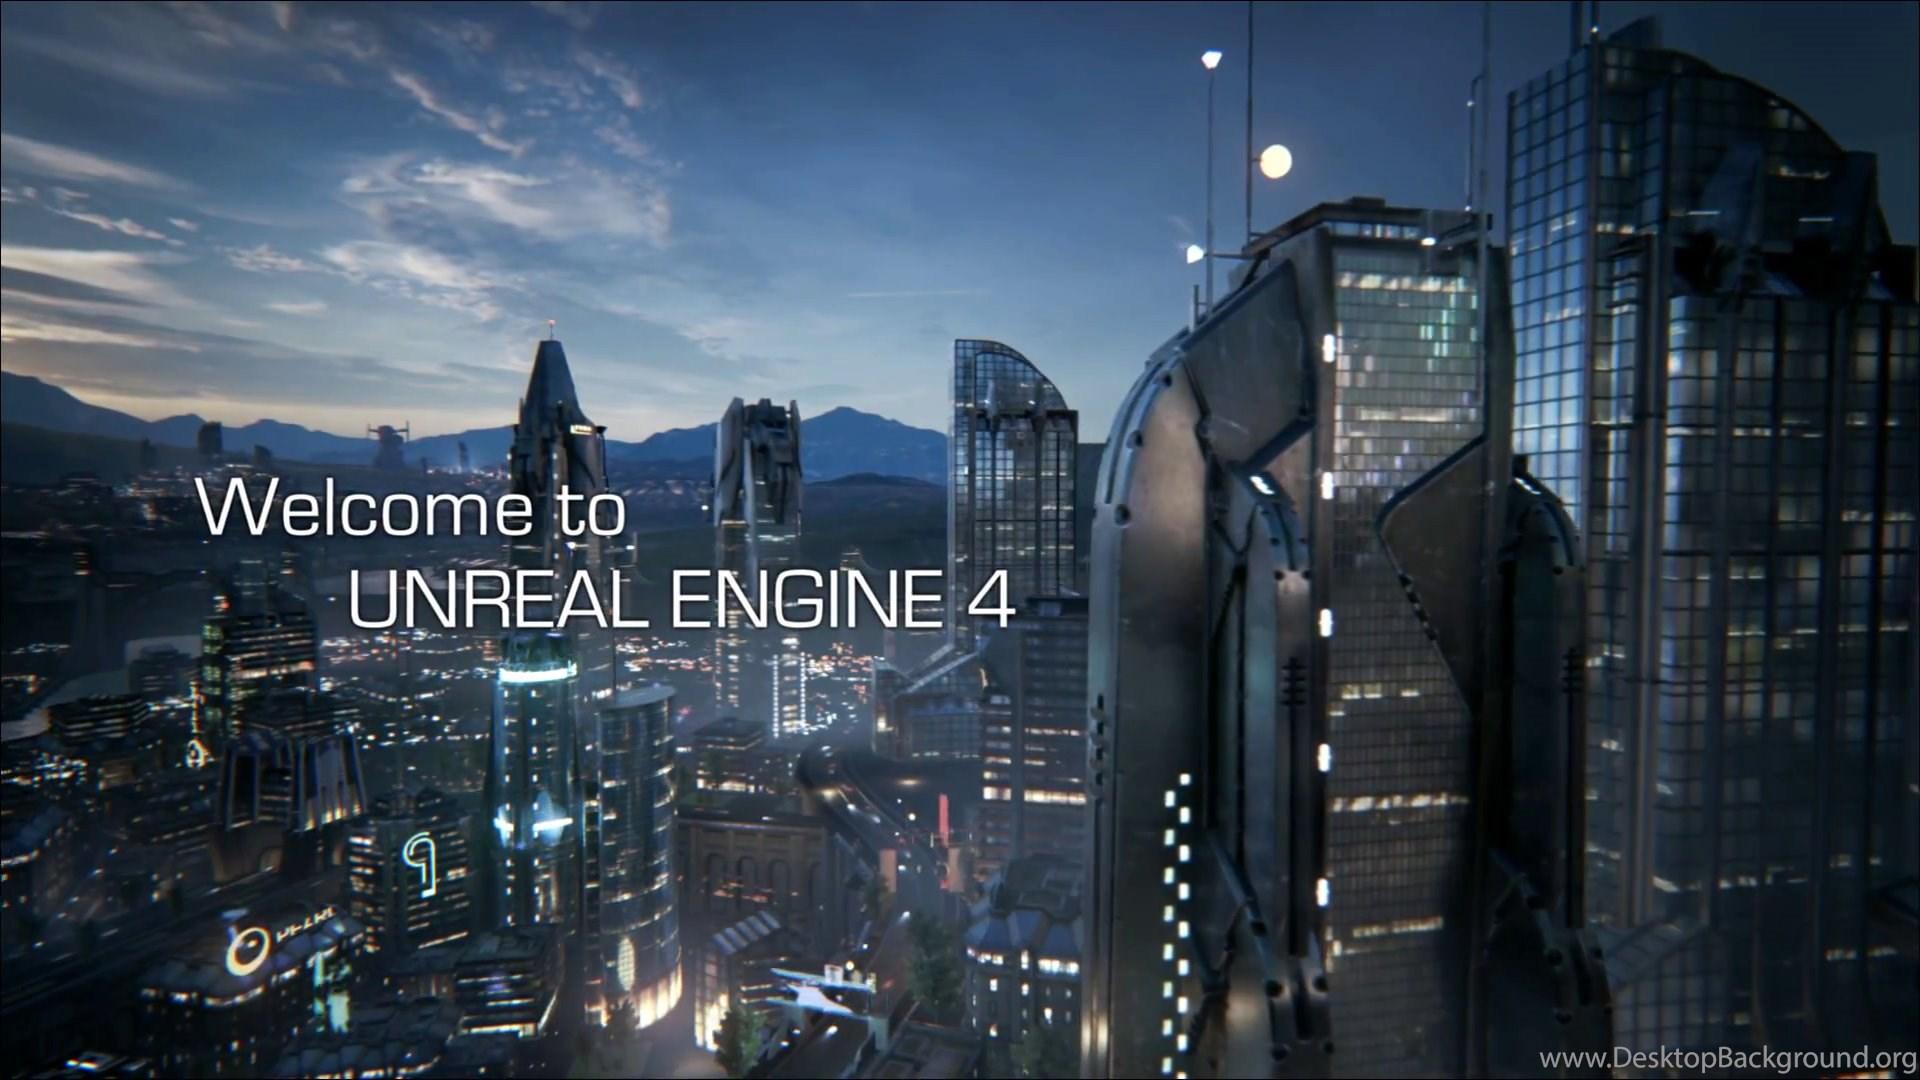 Unreal Engine 4 Logo Wallpaper  Desktop Background